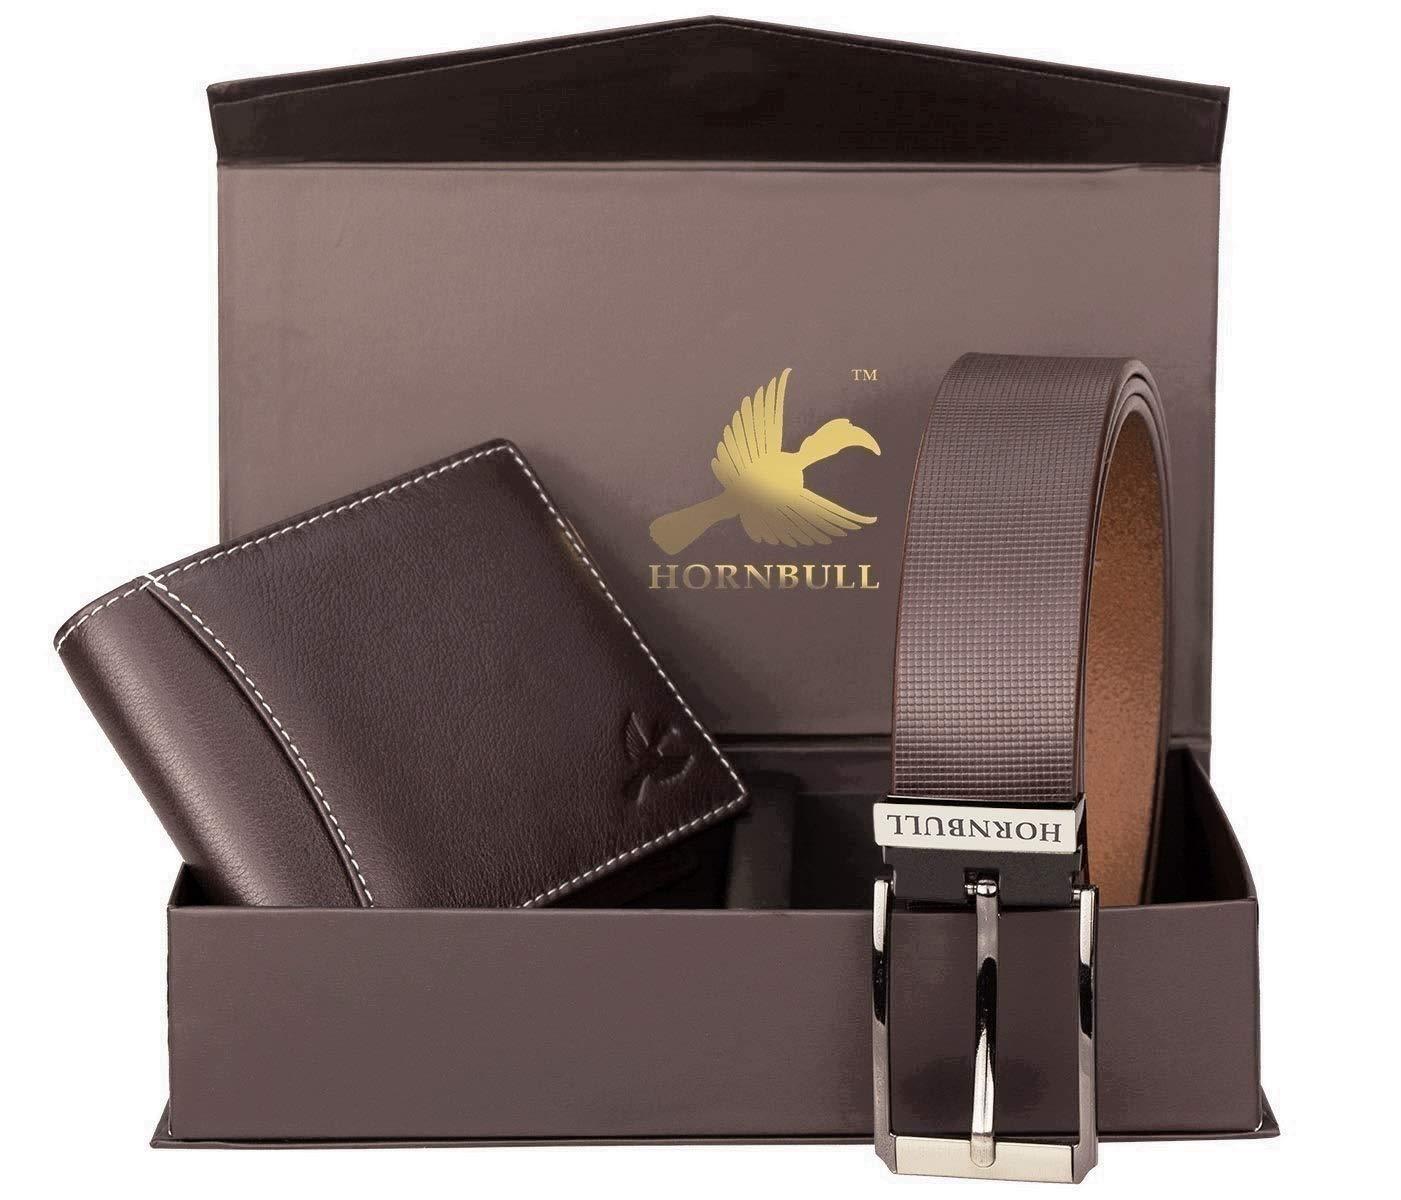 HORNBULL Men's Leather Wallet and Belt Combo